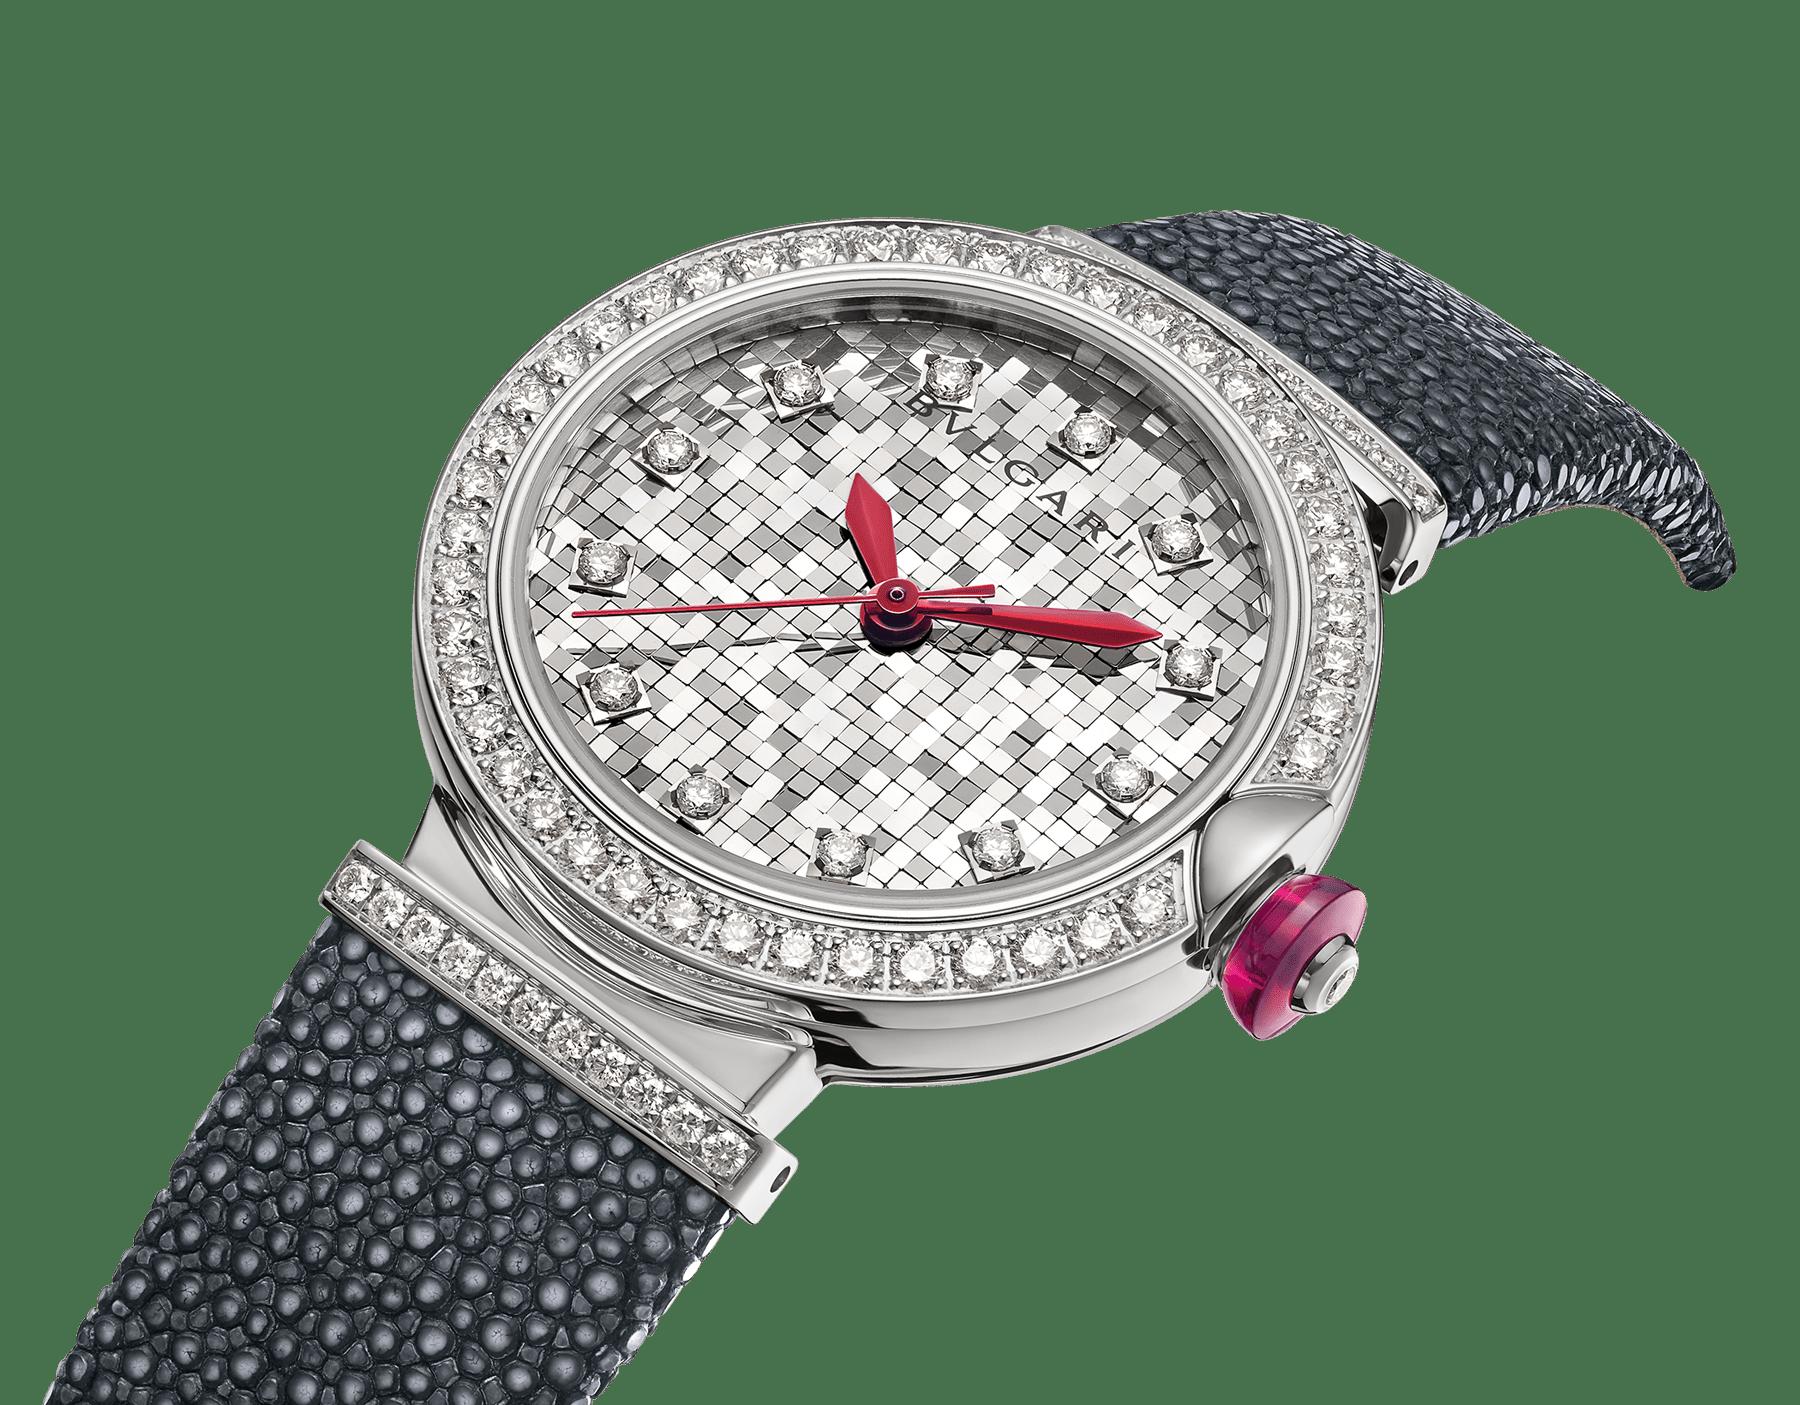 Montre LVCEA avec boîtier en or blanc 18K serti de diamants, cadran mosaïque en or blanc 18K et bracelet en galuchat. 102830 image 2